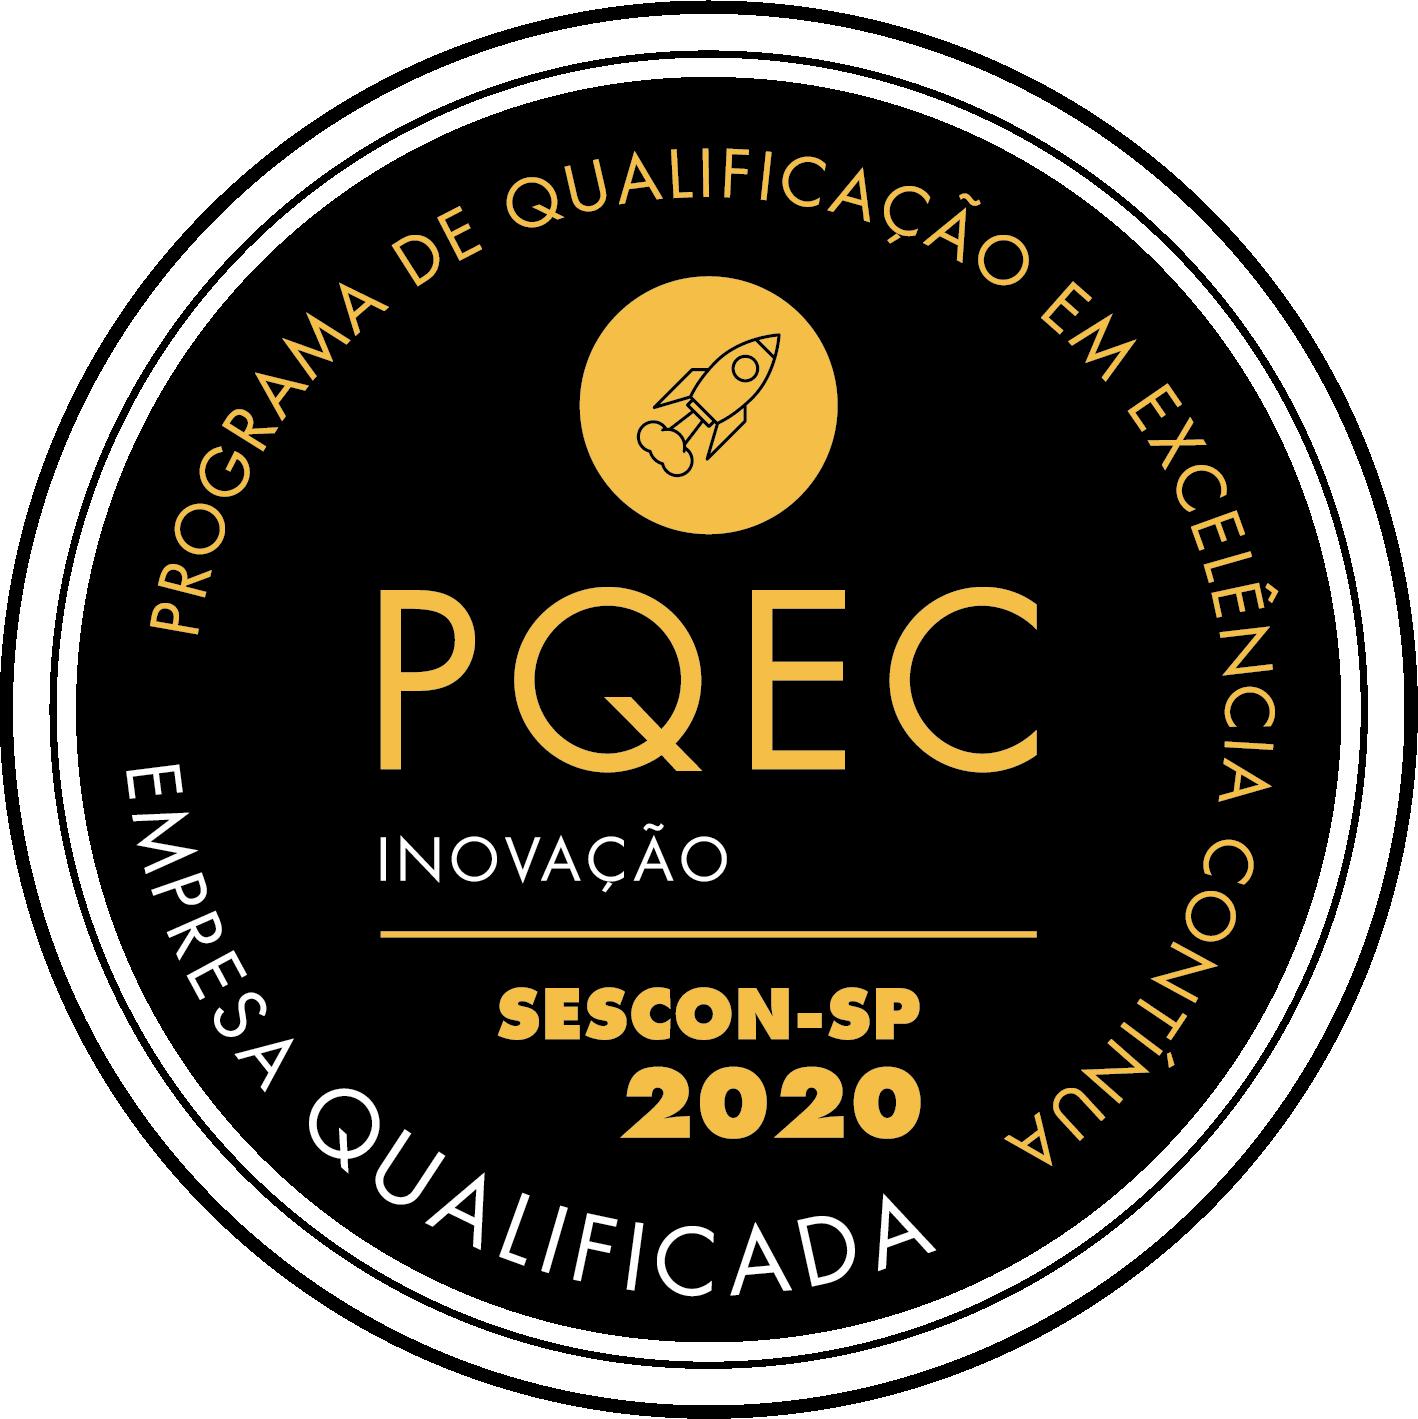 selo de qualidade 2020